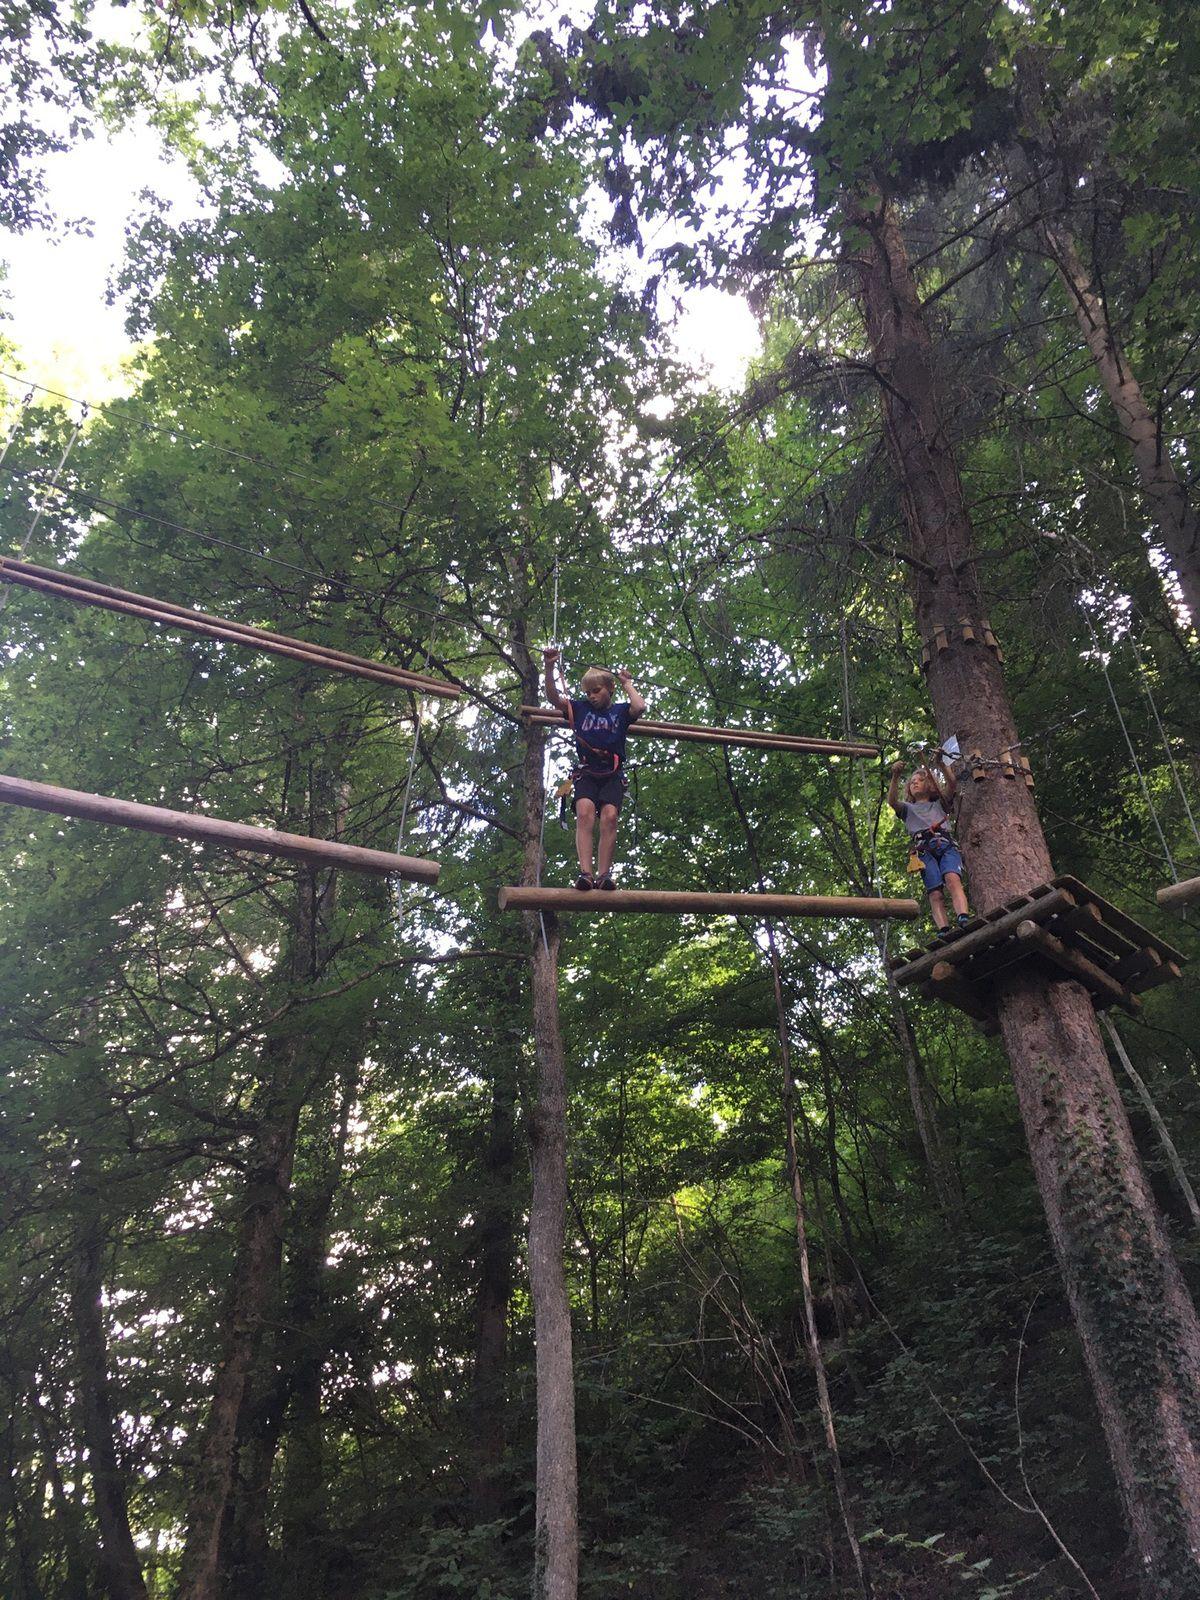 Pont de singe, tyrolienne, équilibres, toiles d'araignées, etc... de bonnes sensations et quelques frayeurs!